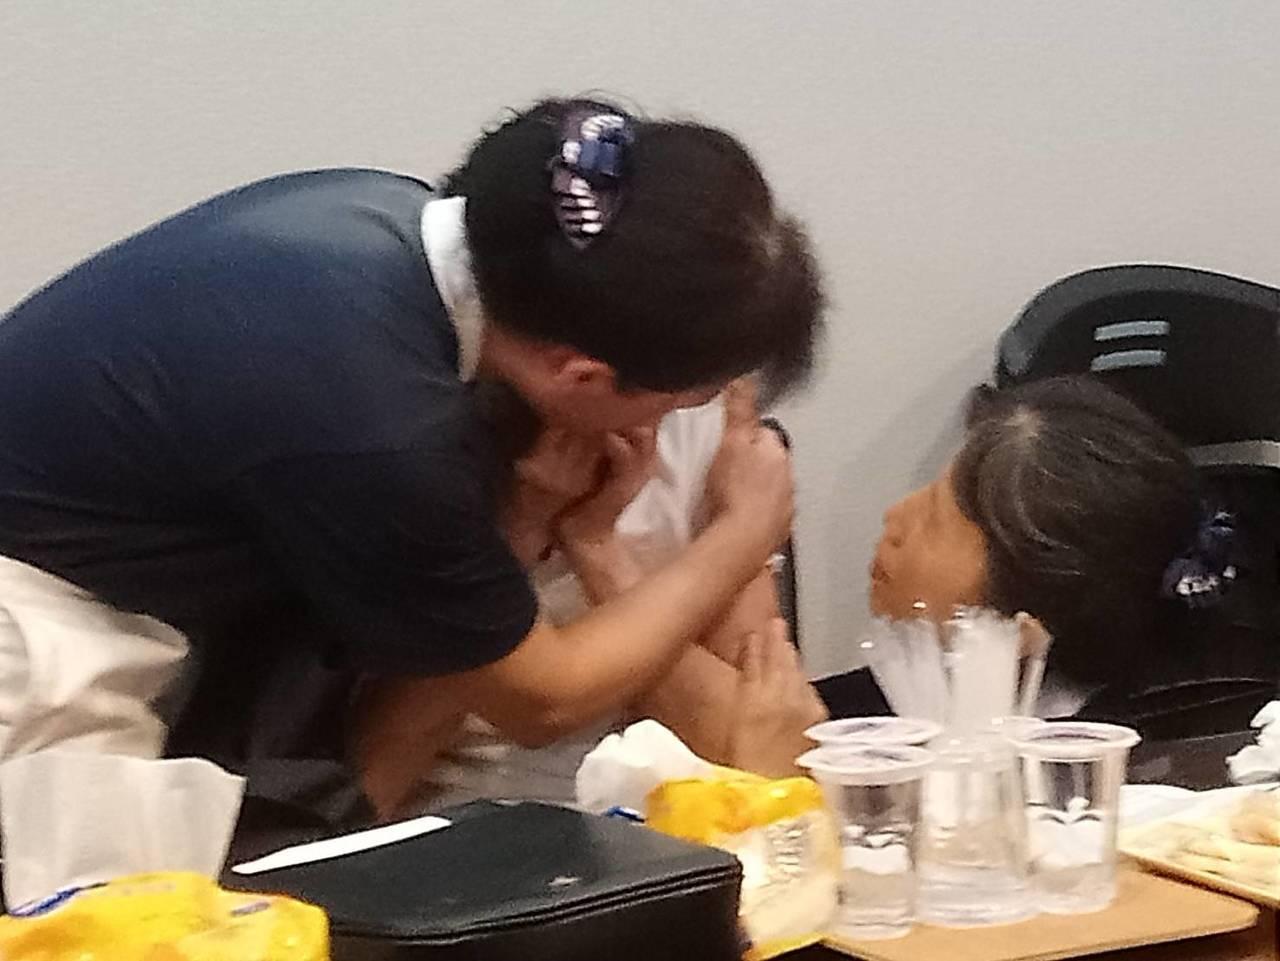 阿羅哈客運昨晚在中山高彰化戰備道發生翻車事故造成3死11傷,慈濟今天動員40位志...